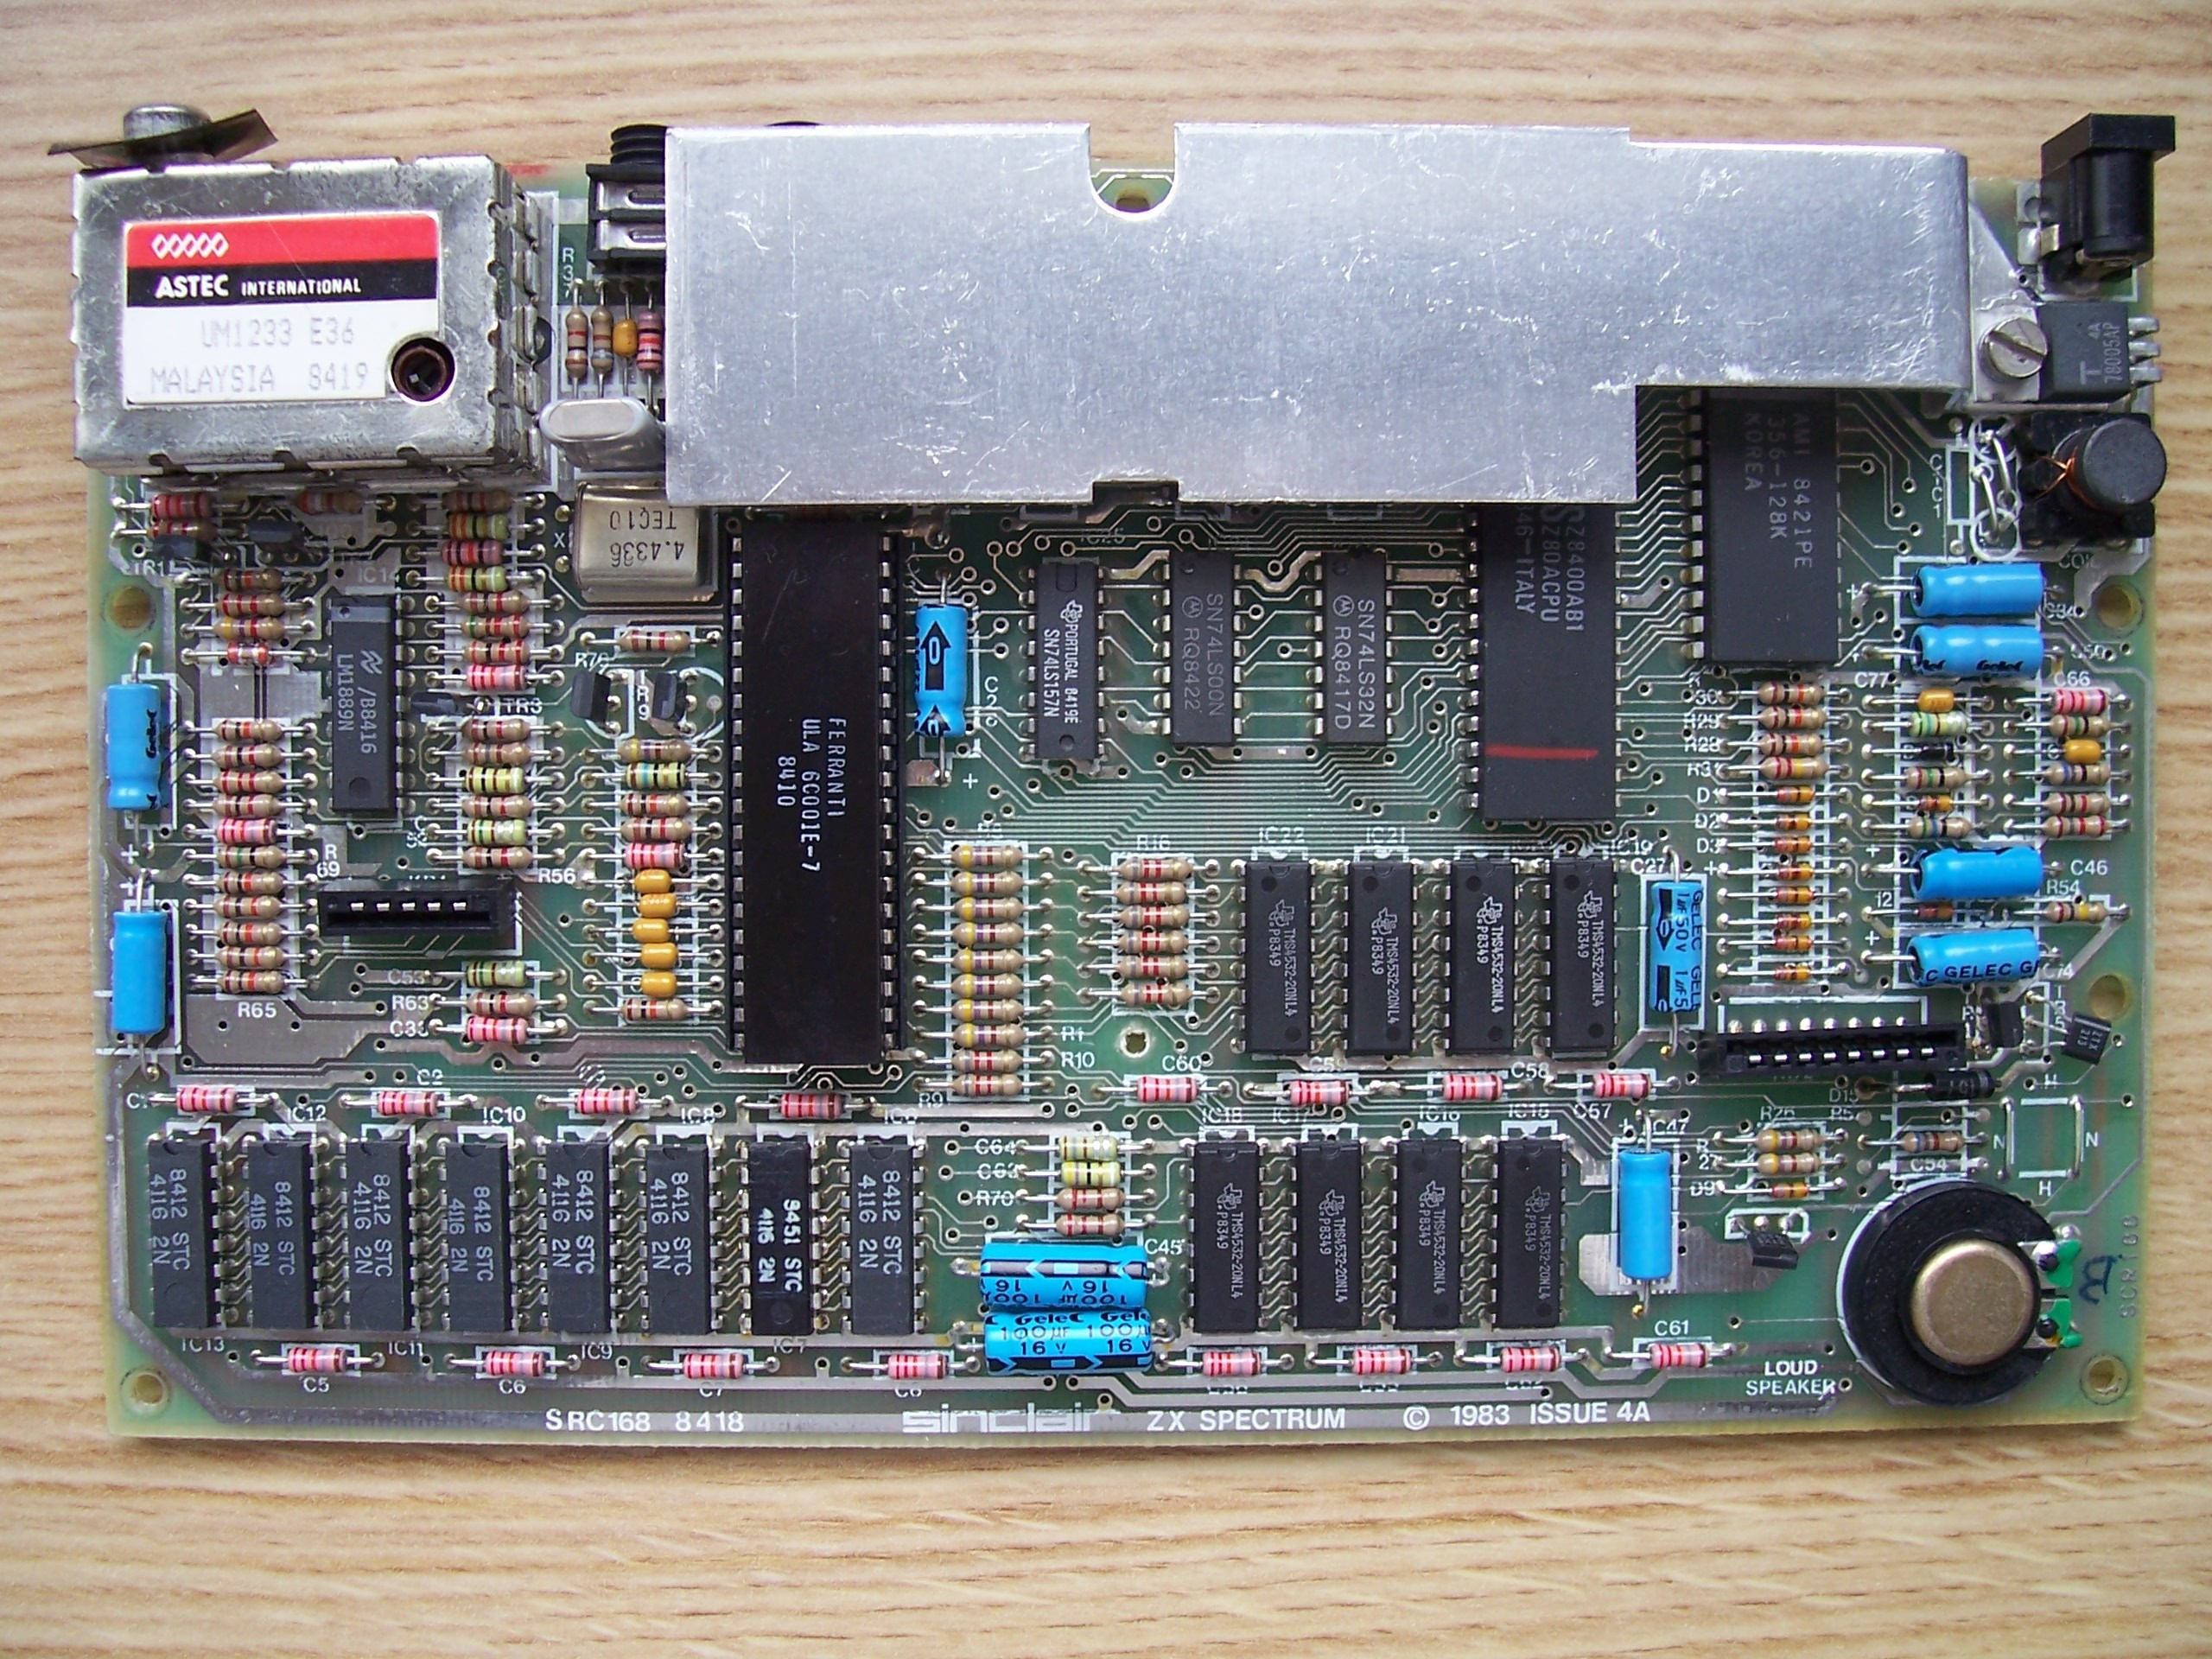 spectrum48k-issue4A.jpg